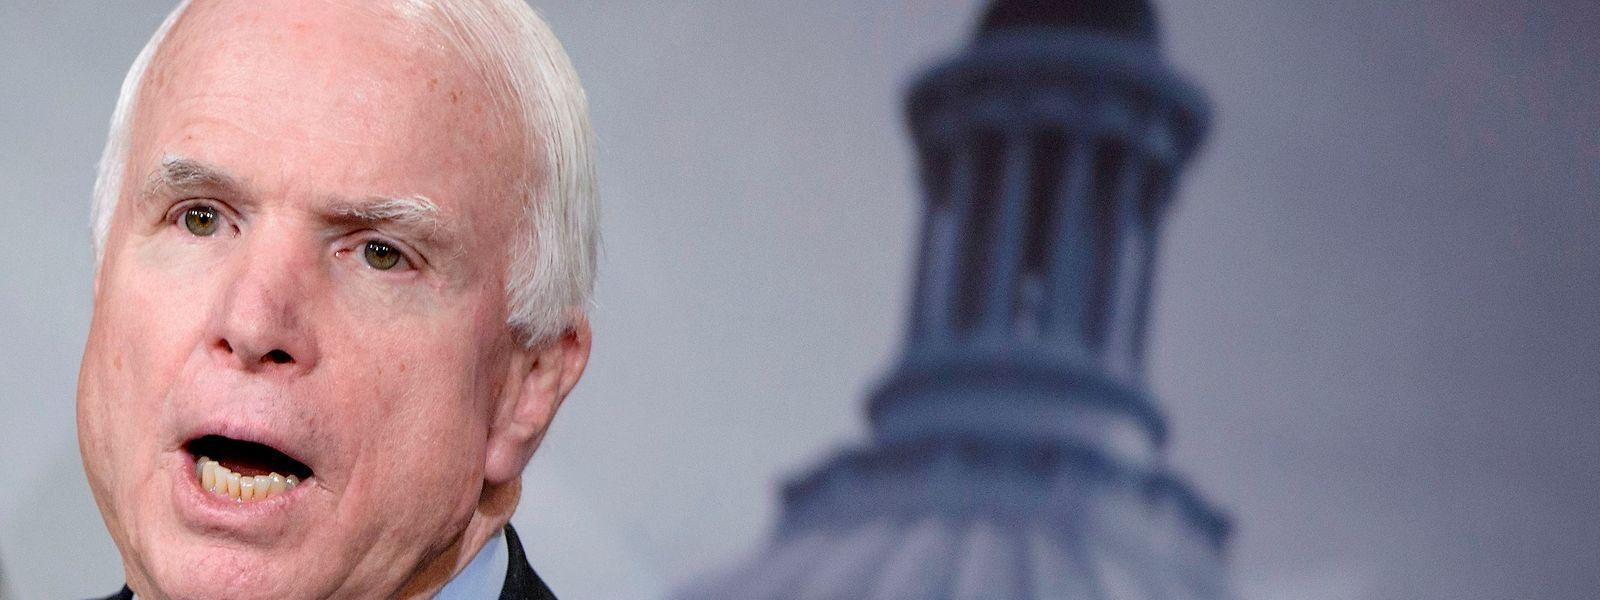 John McCain gilt als Abweichler innerhalb der republikanischen Partei.